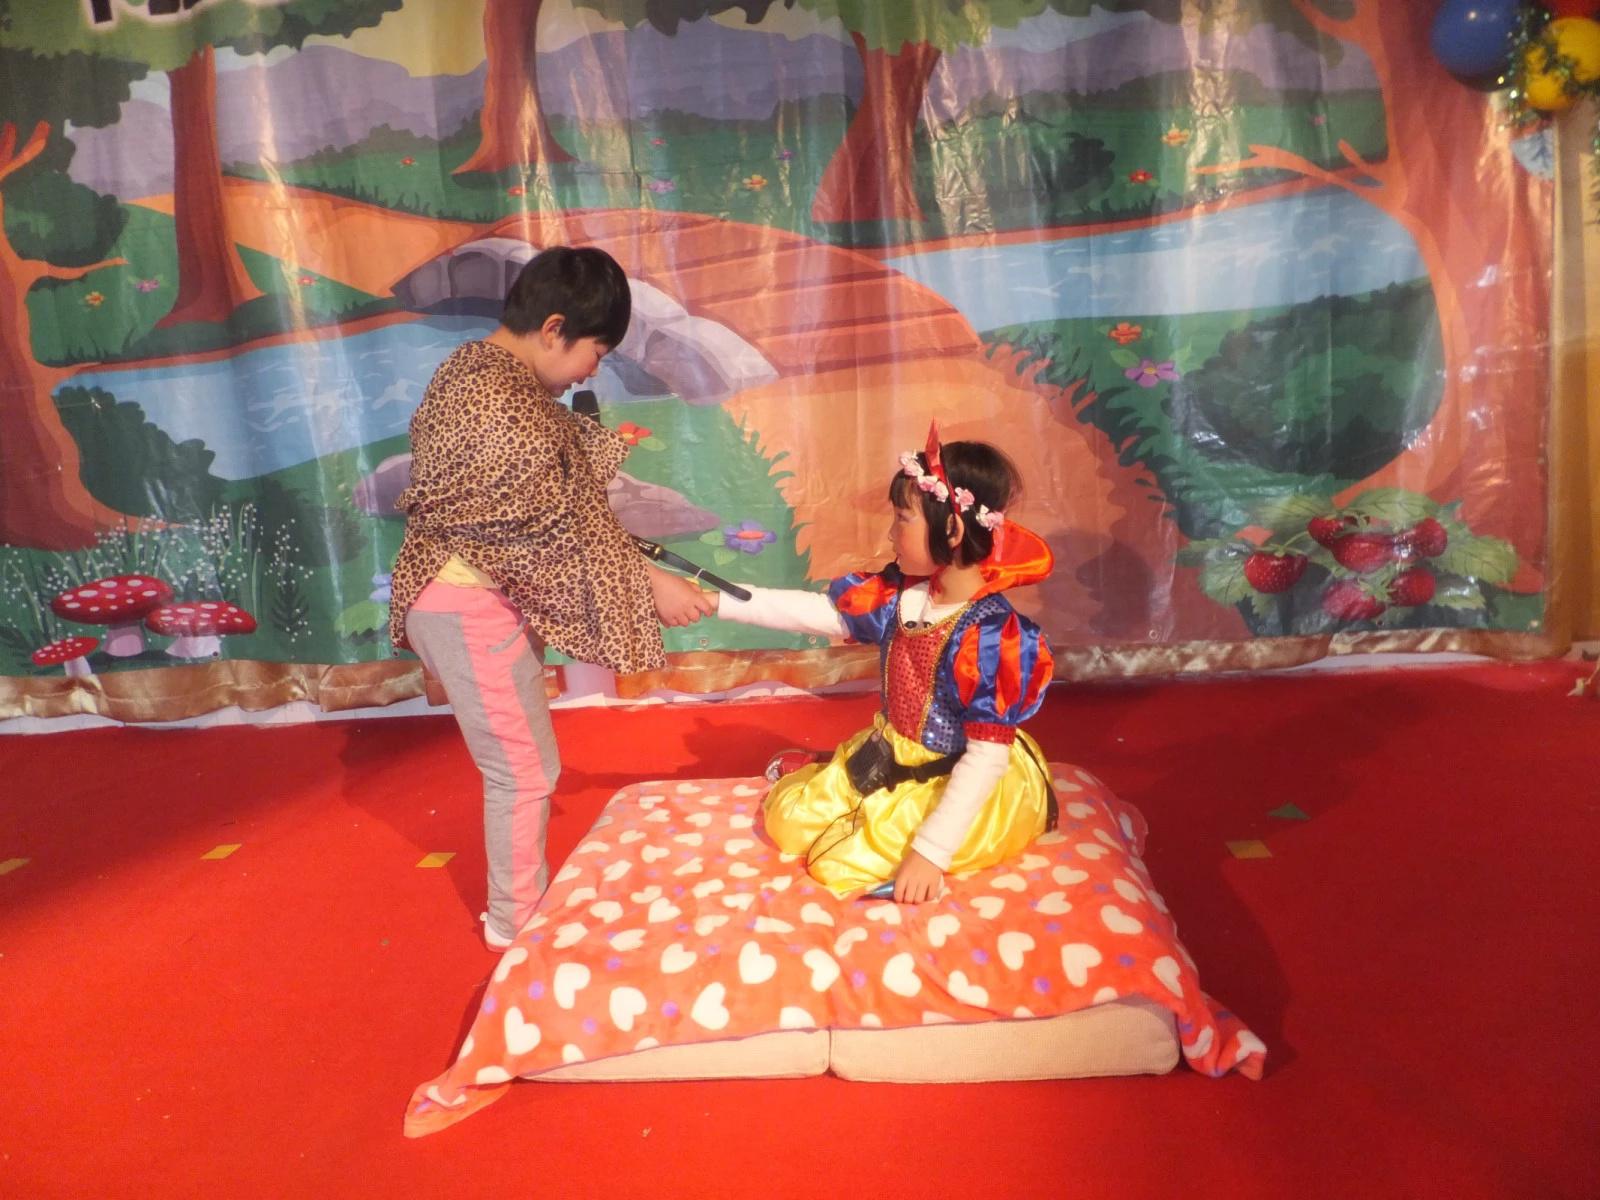 大柳树幼儿园第一届儿童戏剧演出花絮——(qq:284291216)